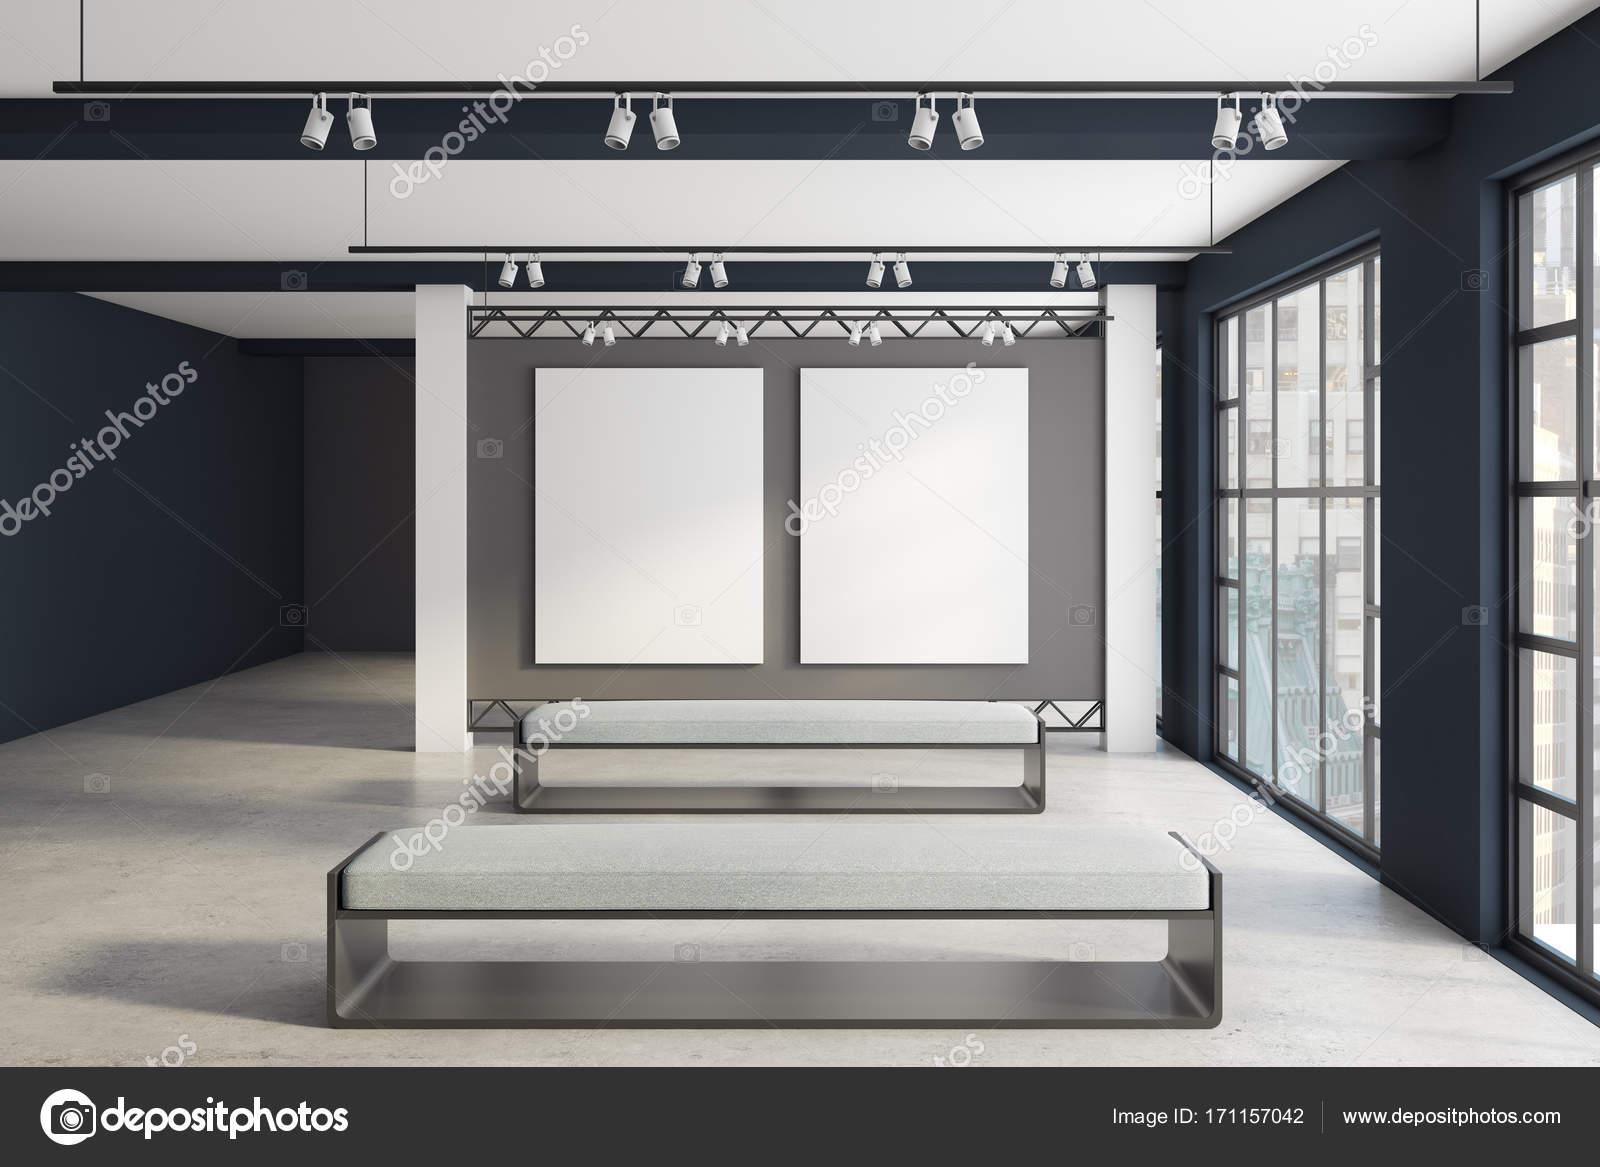 Ausstellung für moderne Innenausstattung mit sauberen Banner vorne ...